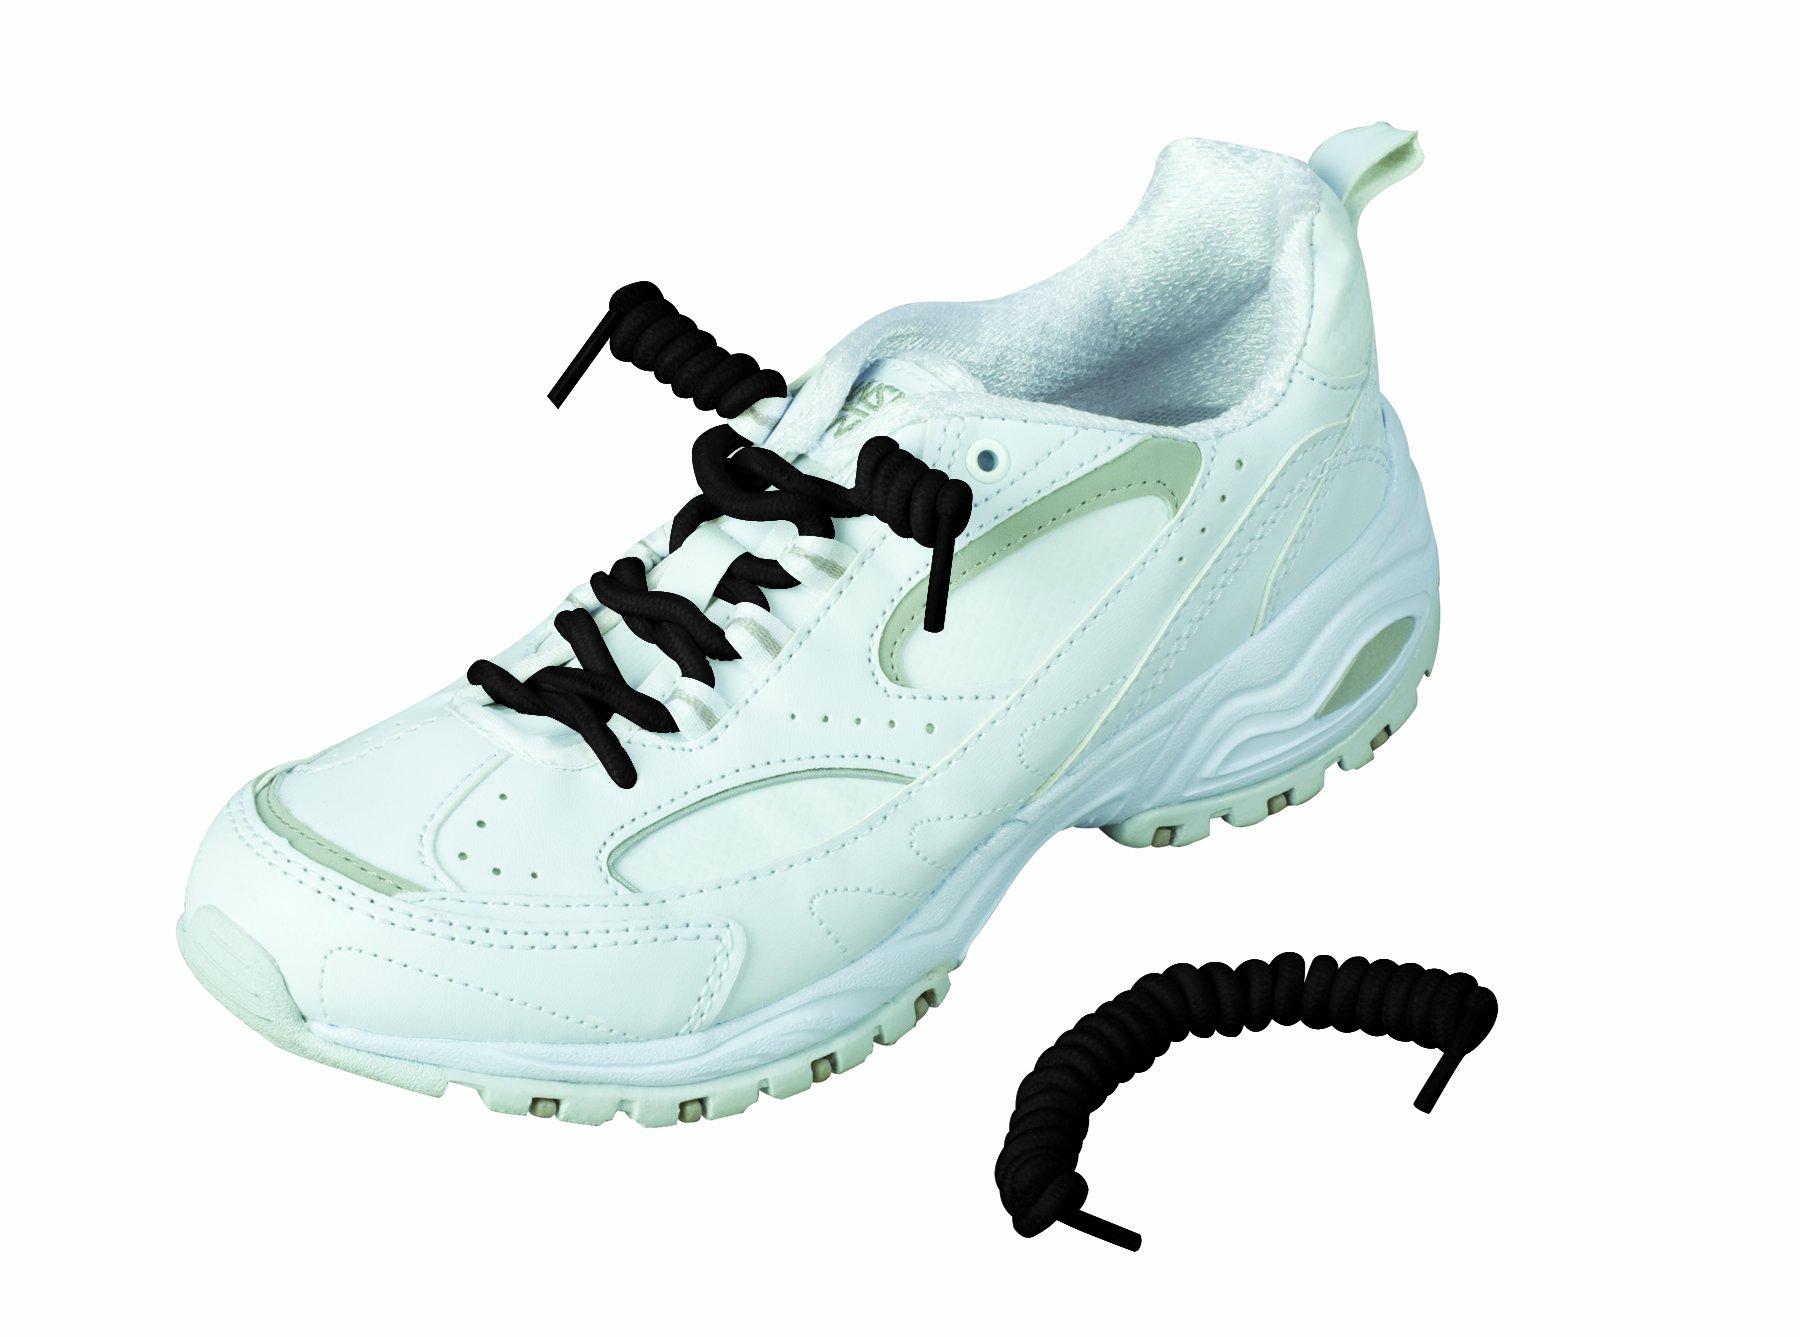 1a5ef28615148 Amazon.com: Healthsmart 640-9004-0001 - Coiler Shoe Laces, No Tie ...